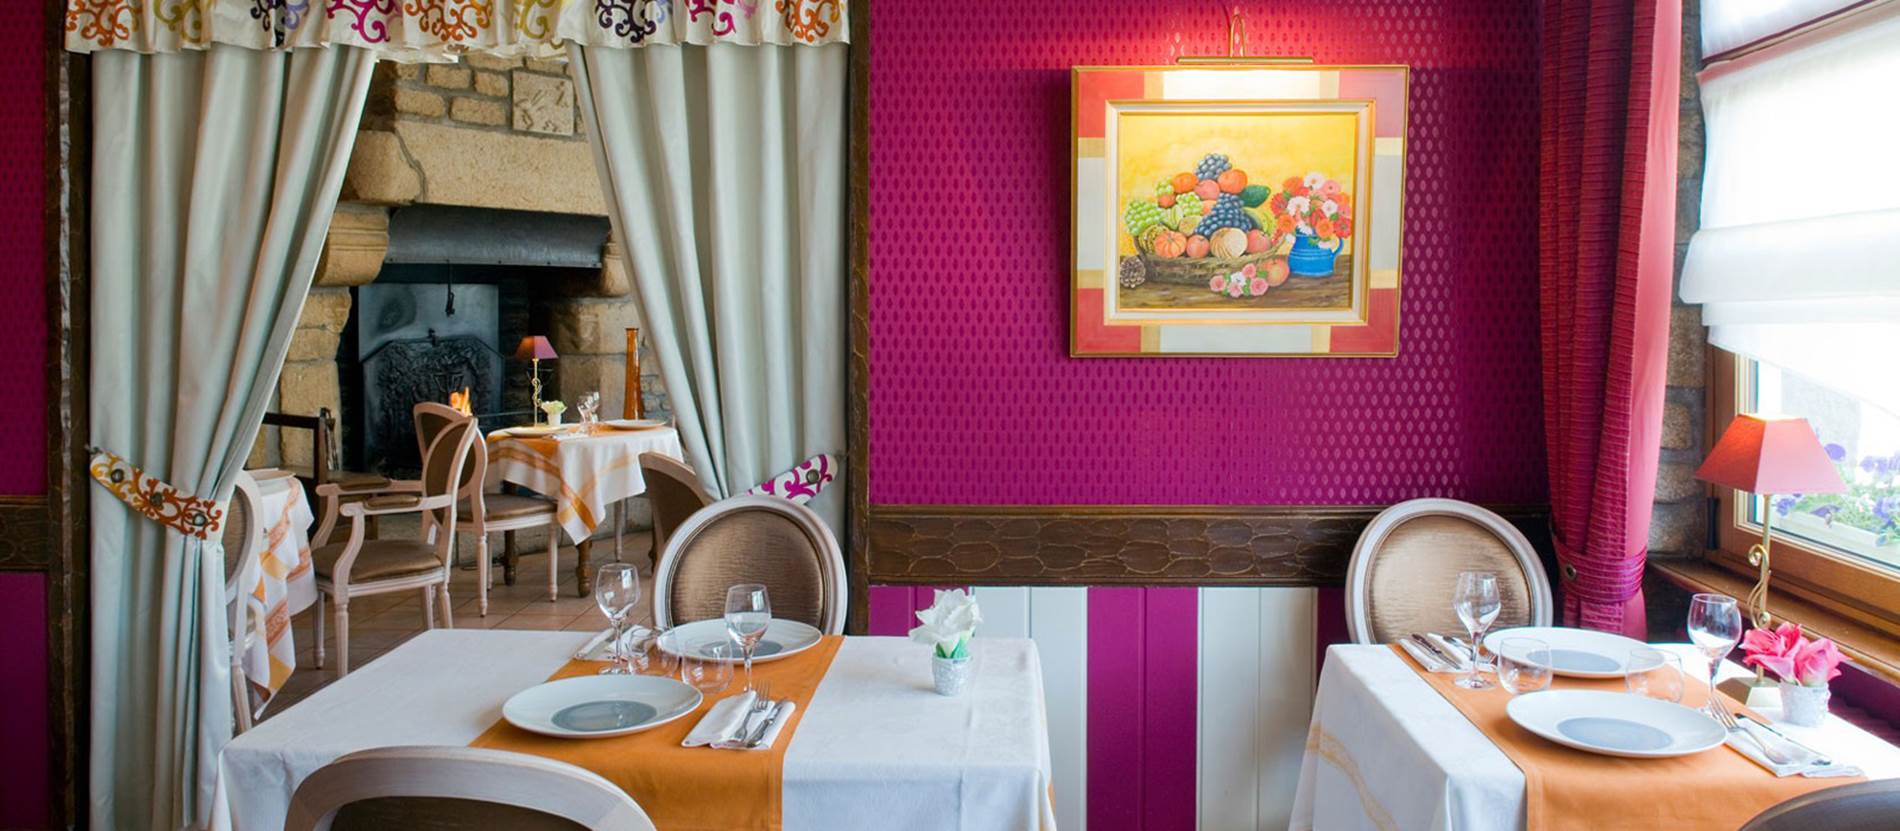 Restaurant-Au-Relais-du-Porhoët-Guilliers-Morbihan-Bretagne-Sud © Restaurant Au Relais du Porhoët - Guilliers